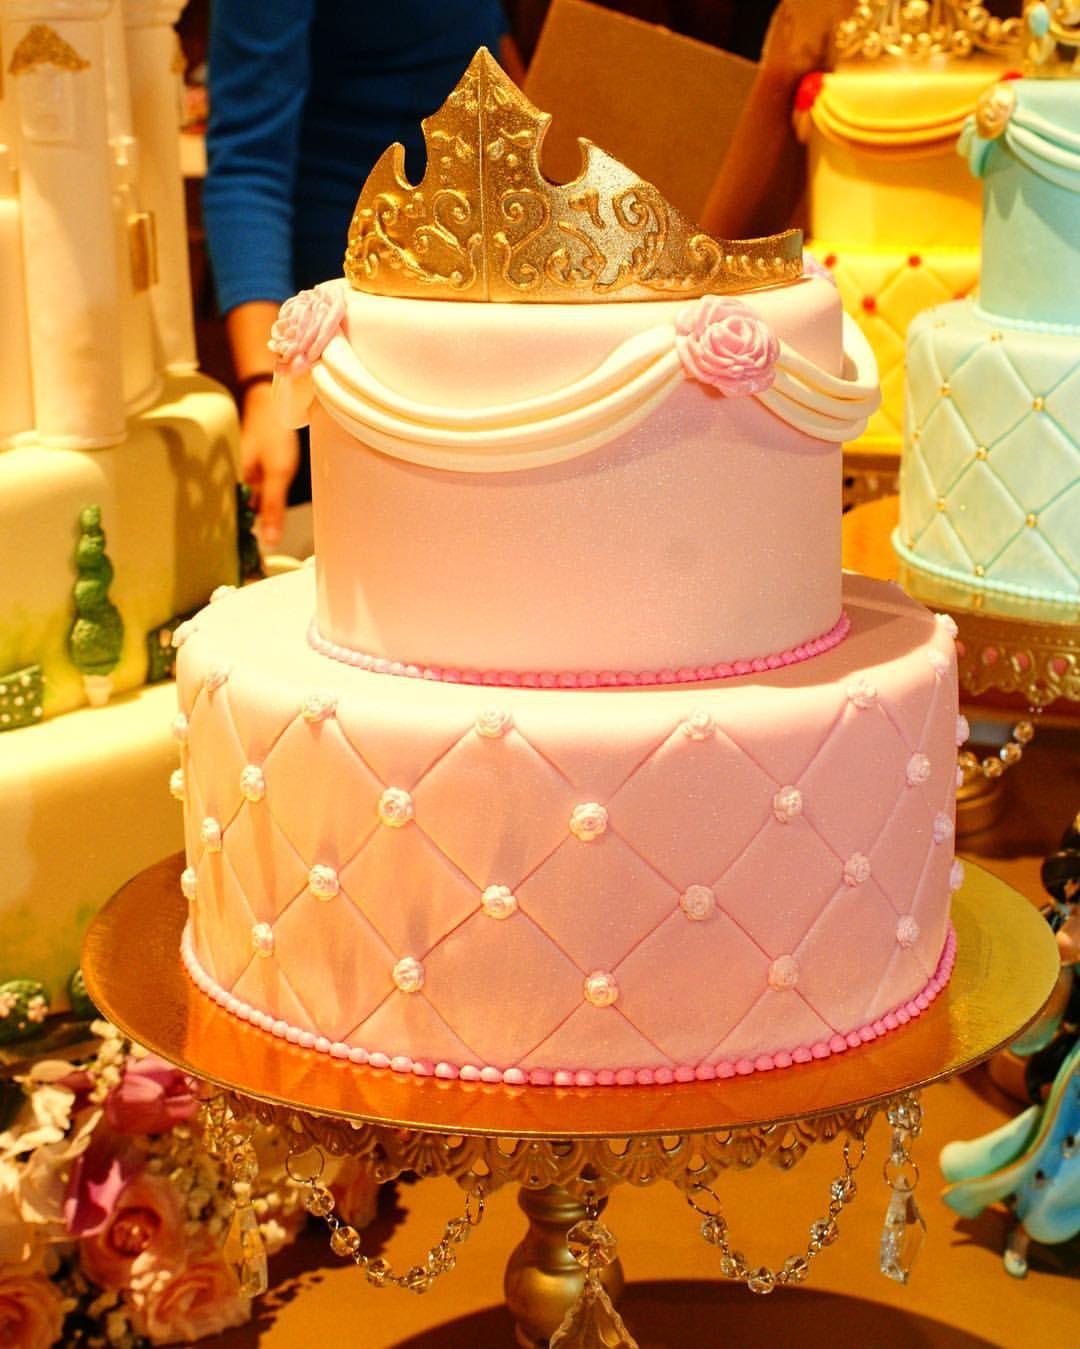 Sleeping Beauty Cake Instagram de delicatessepostres • 93